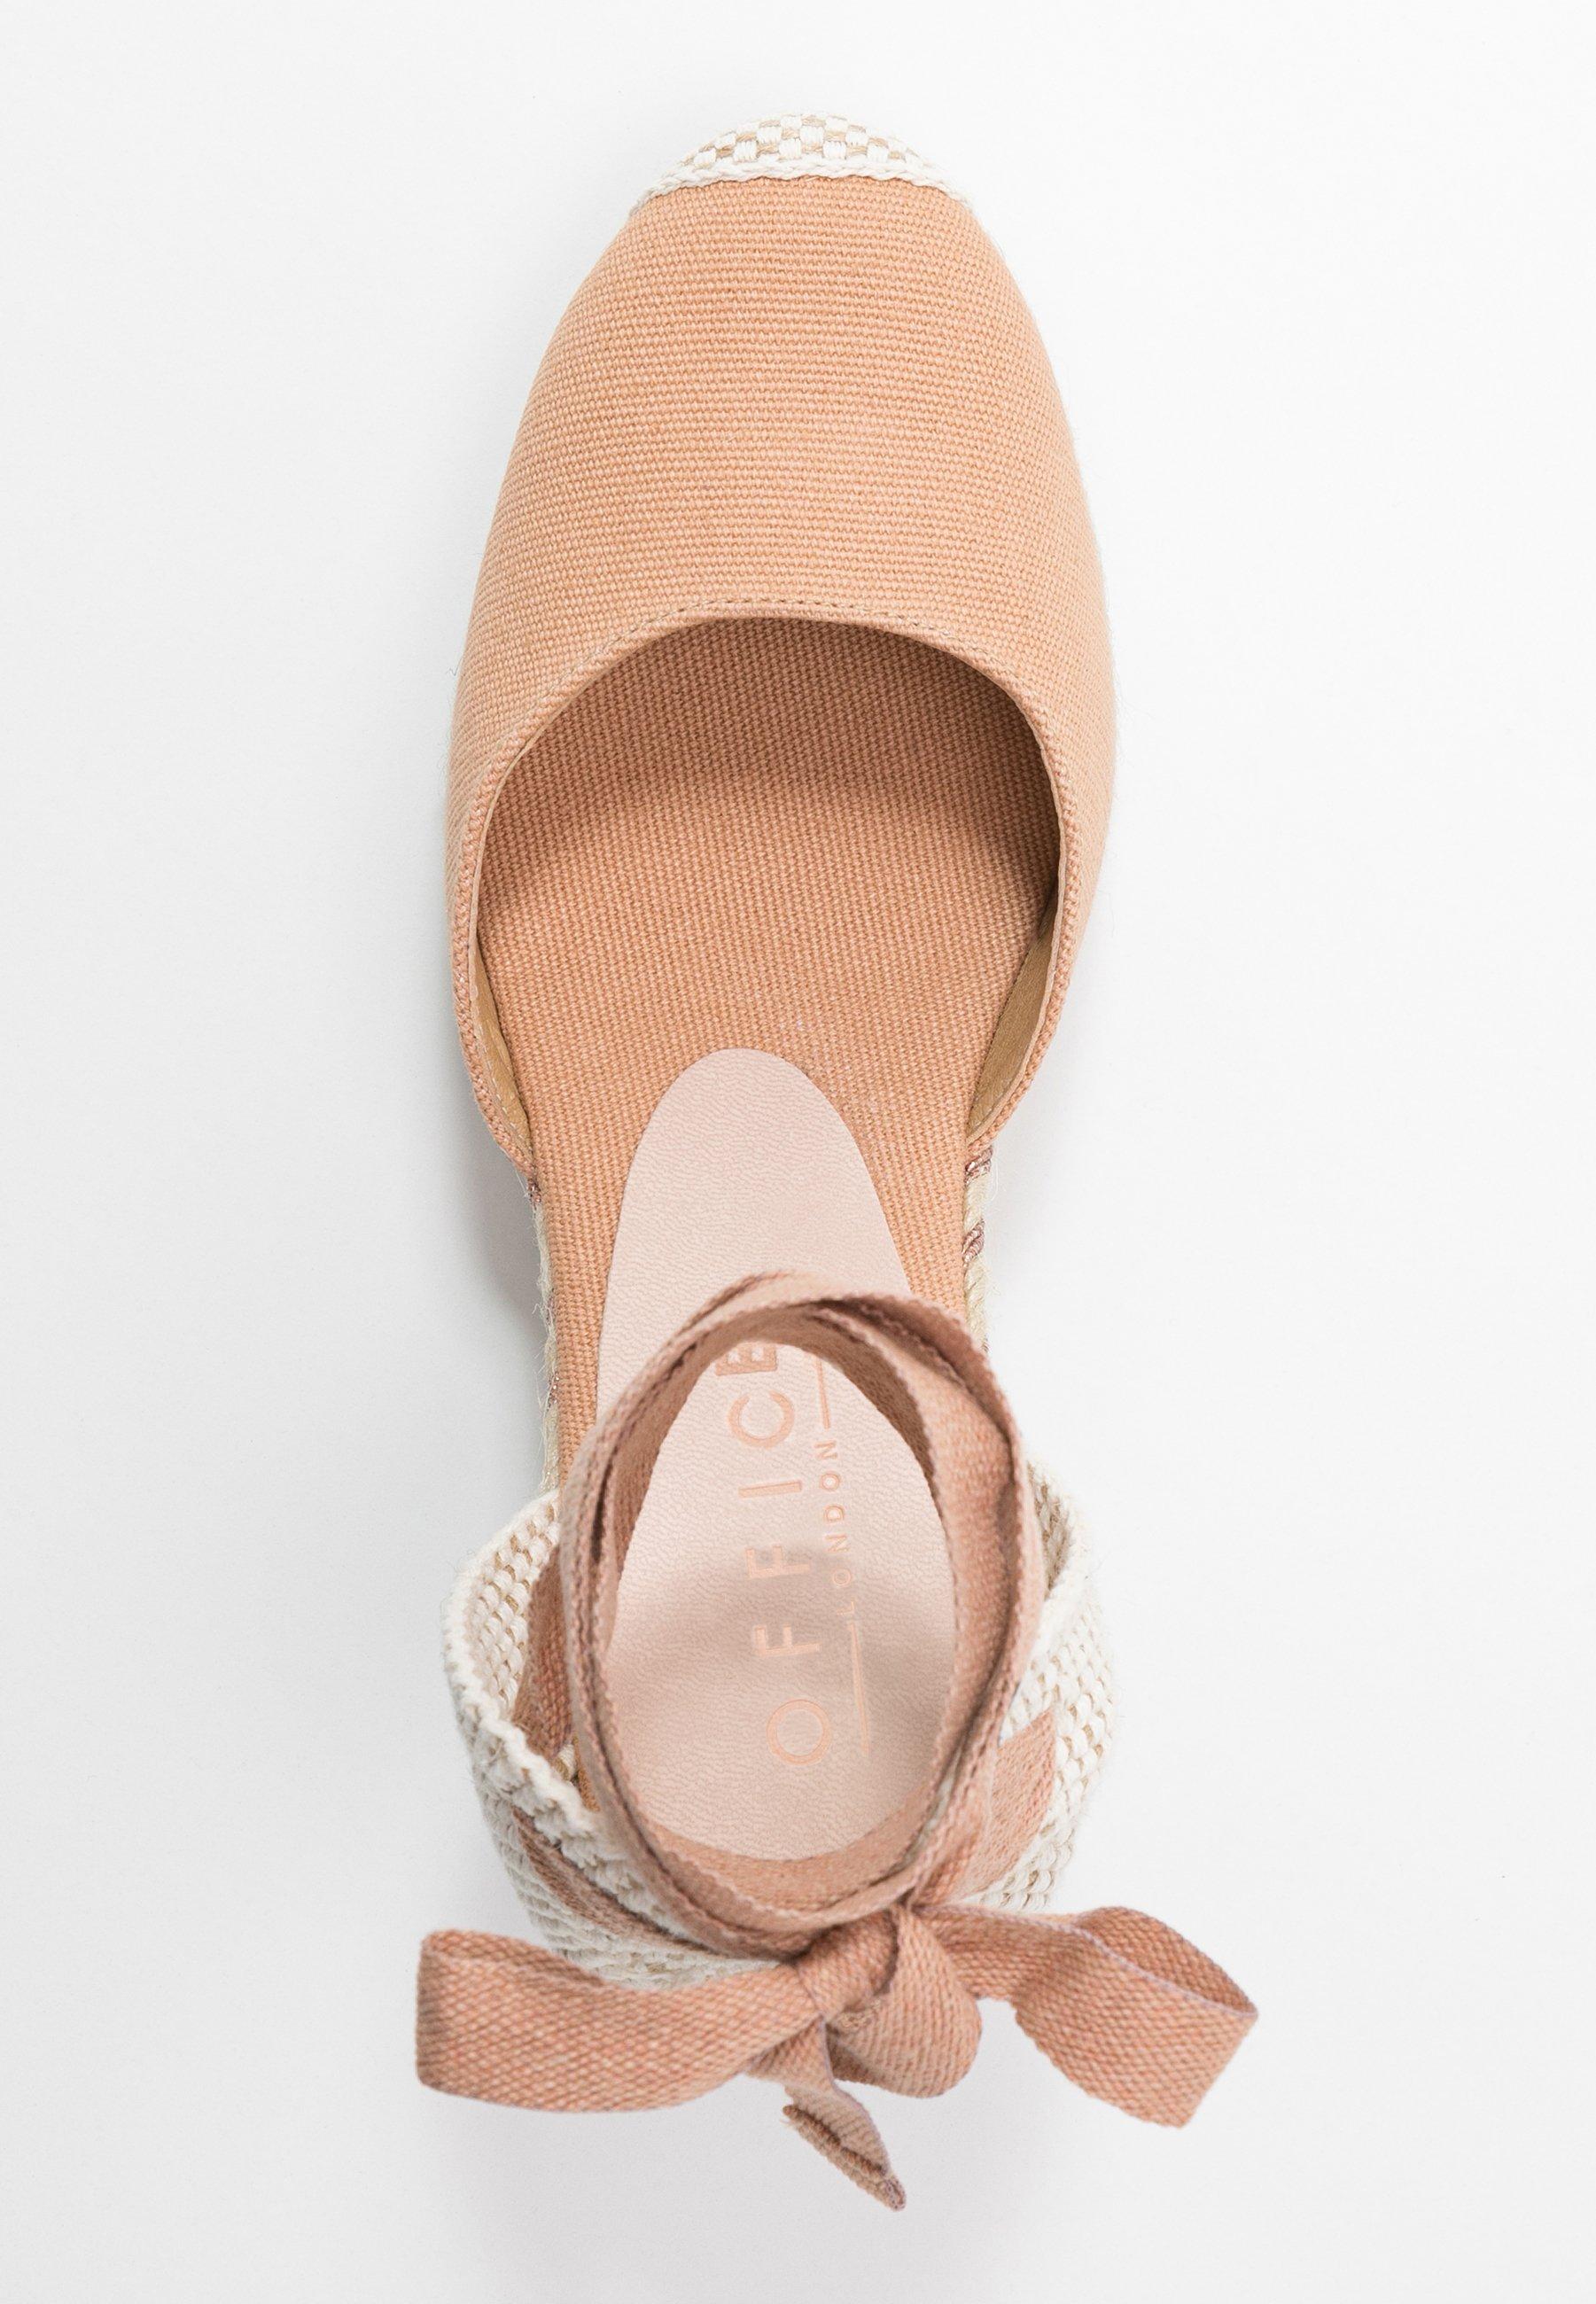 MARMALADE Sandaletter nuderose gold